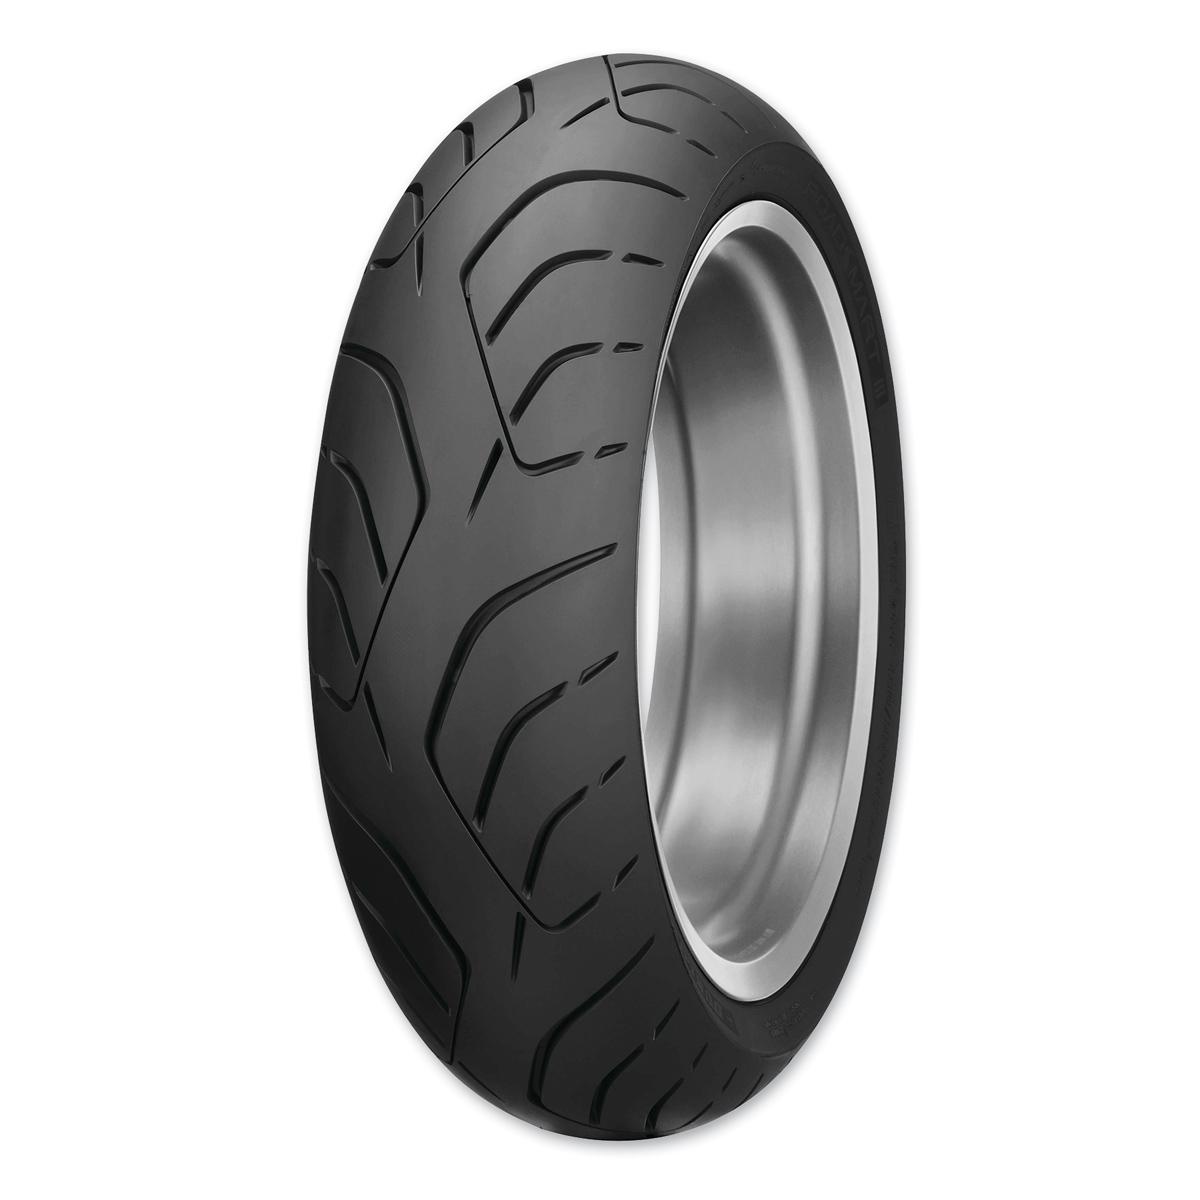 Dunlop Roadsmart III 160/70ZR17 Rear Tire